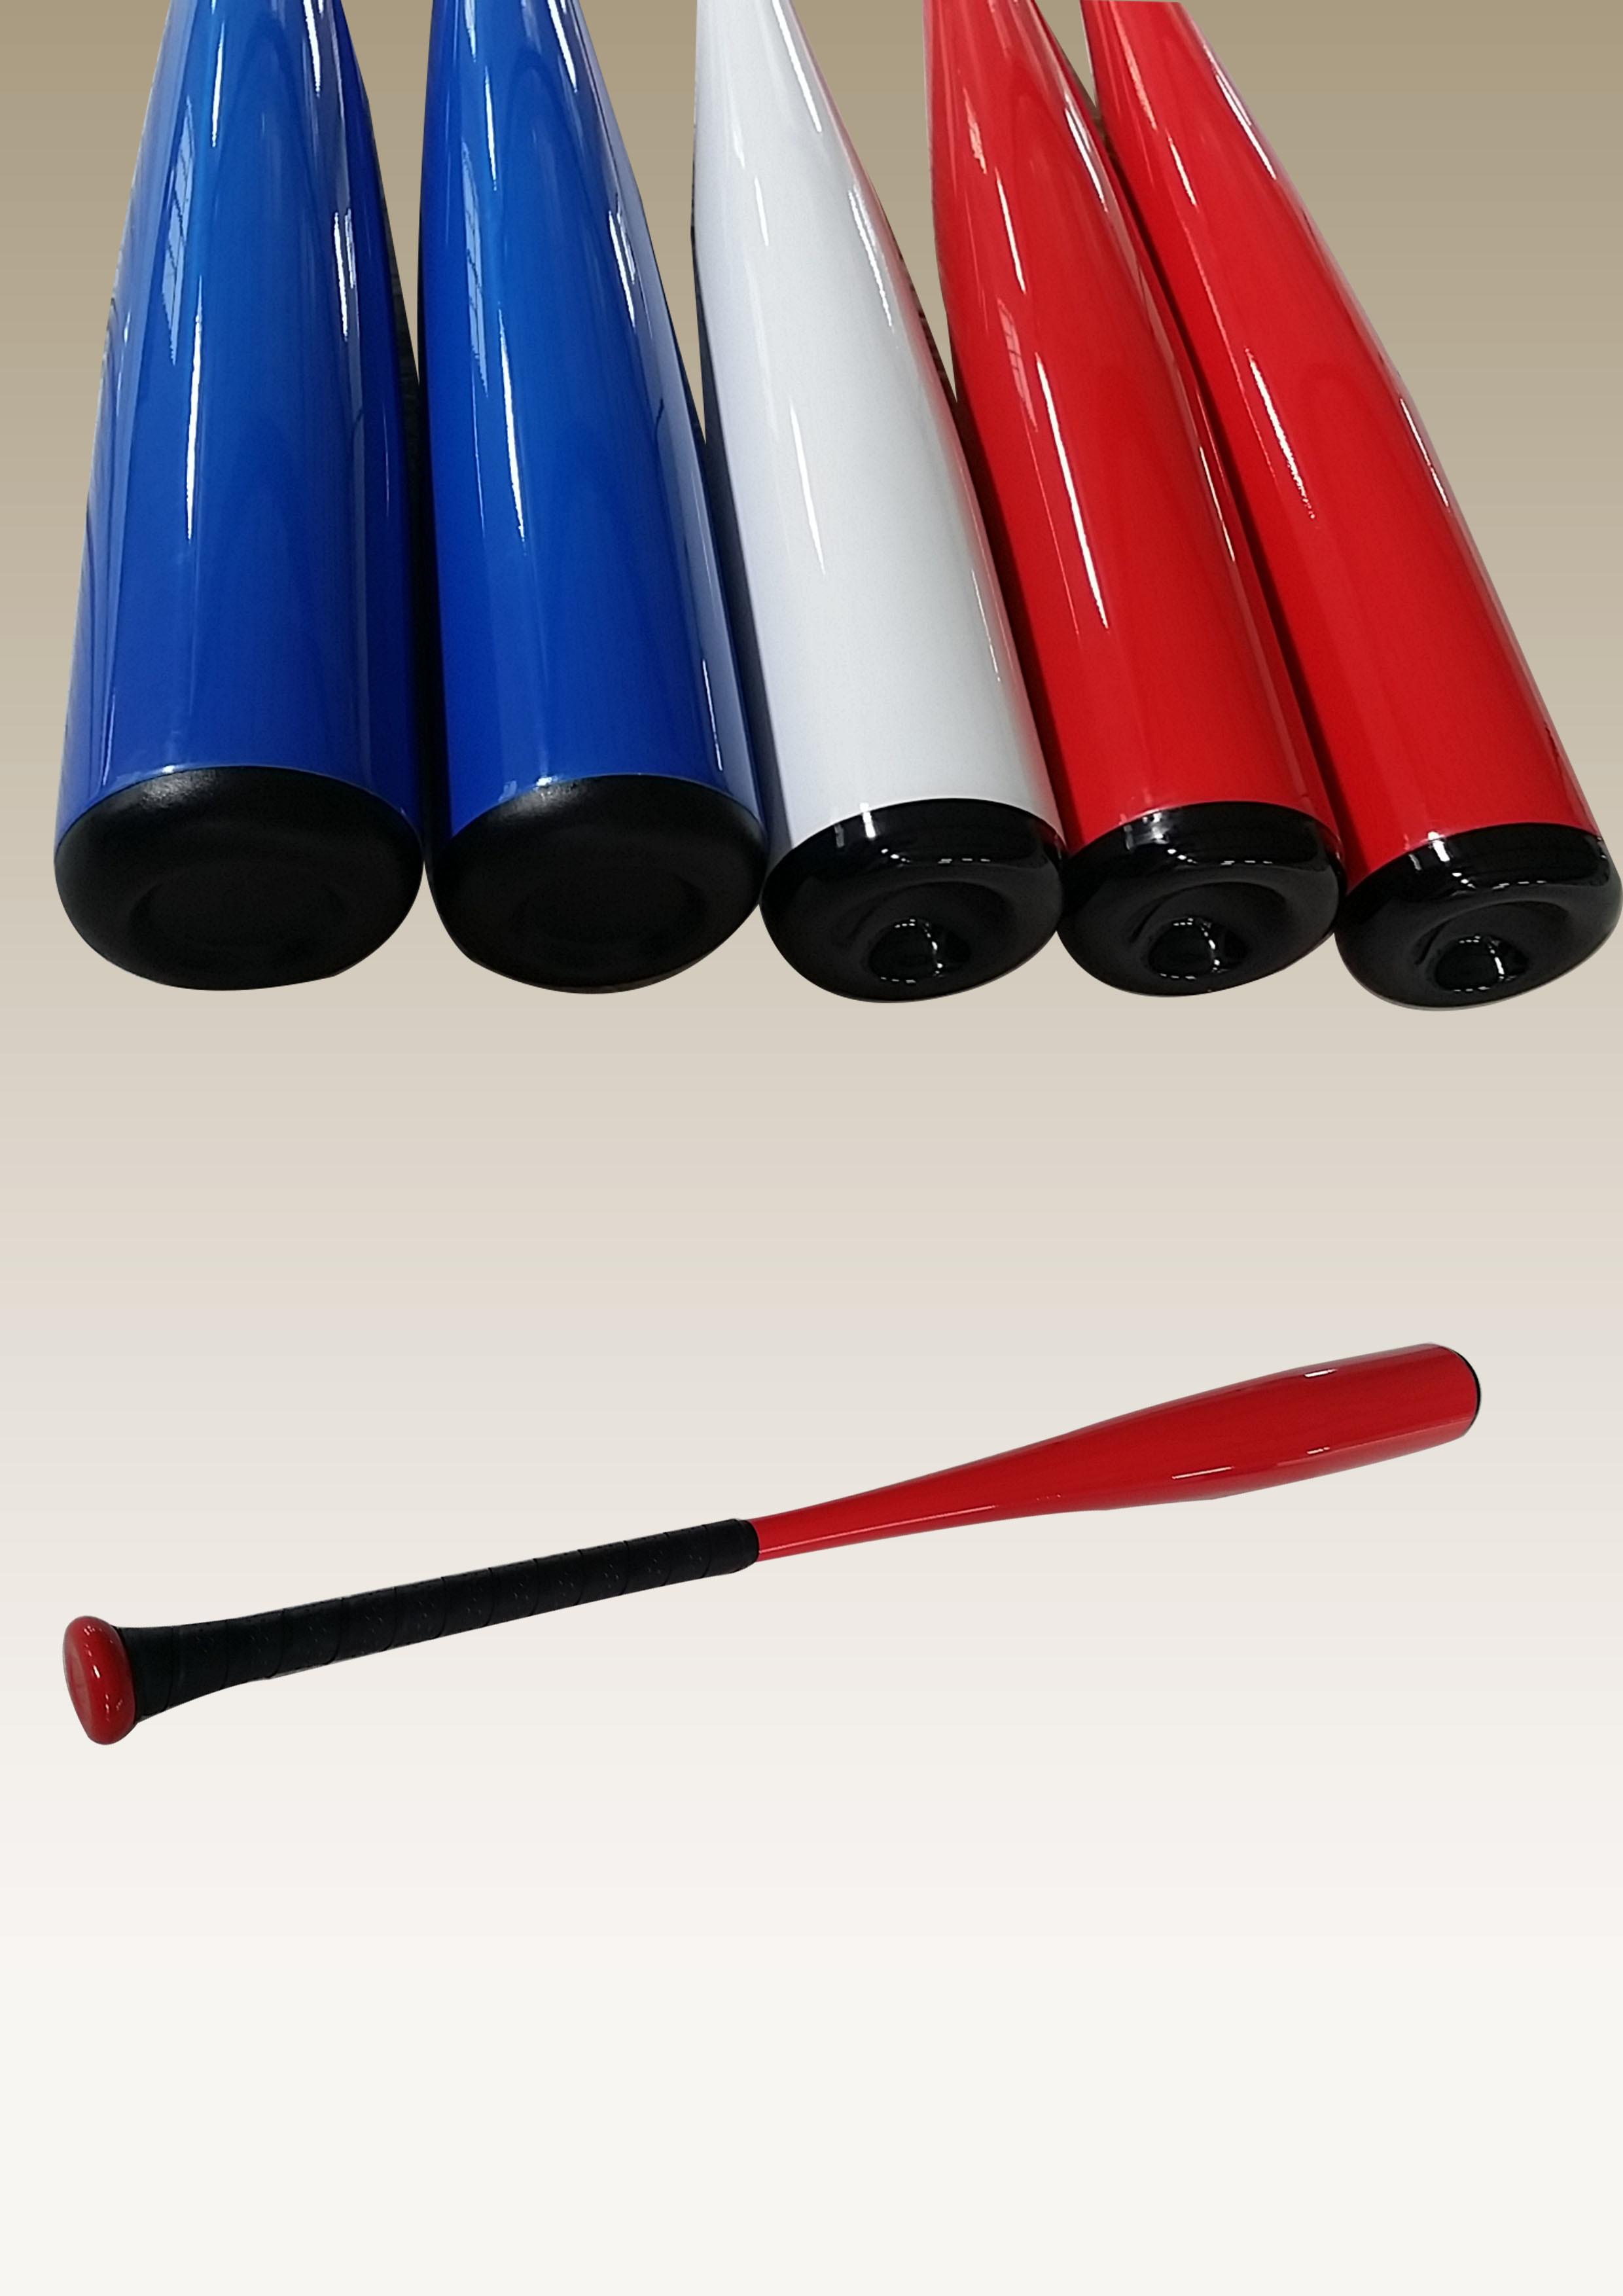 32inch 27oz Baseball Bat